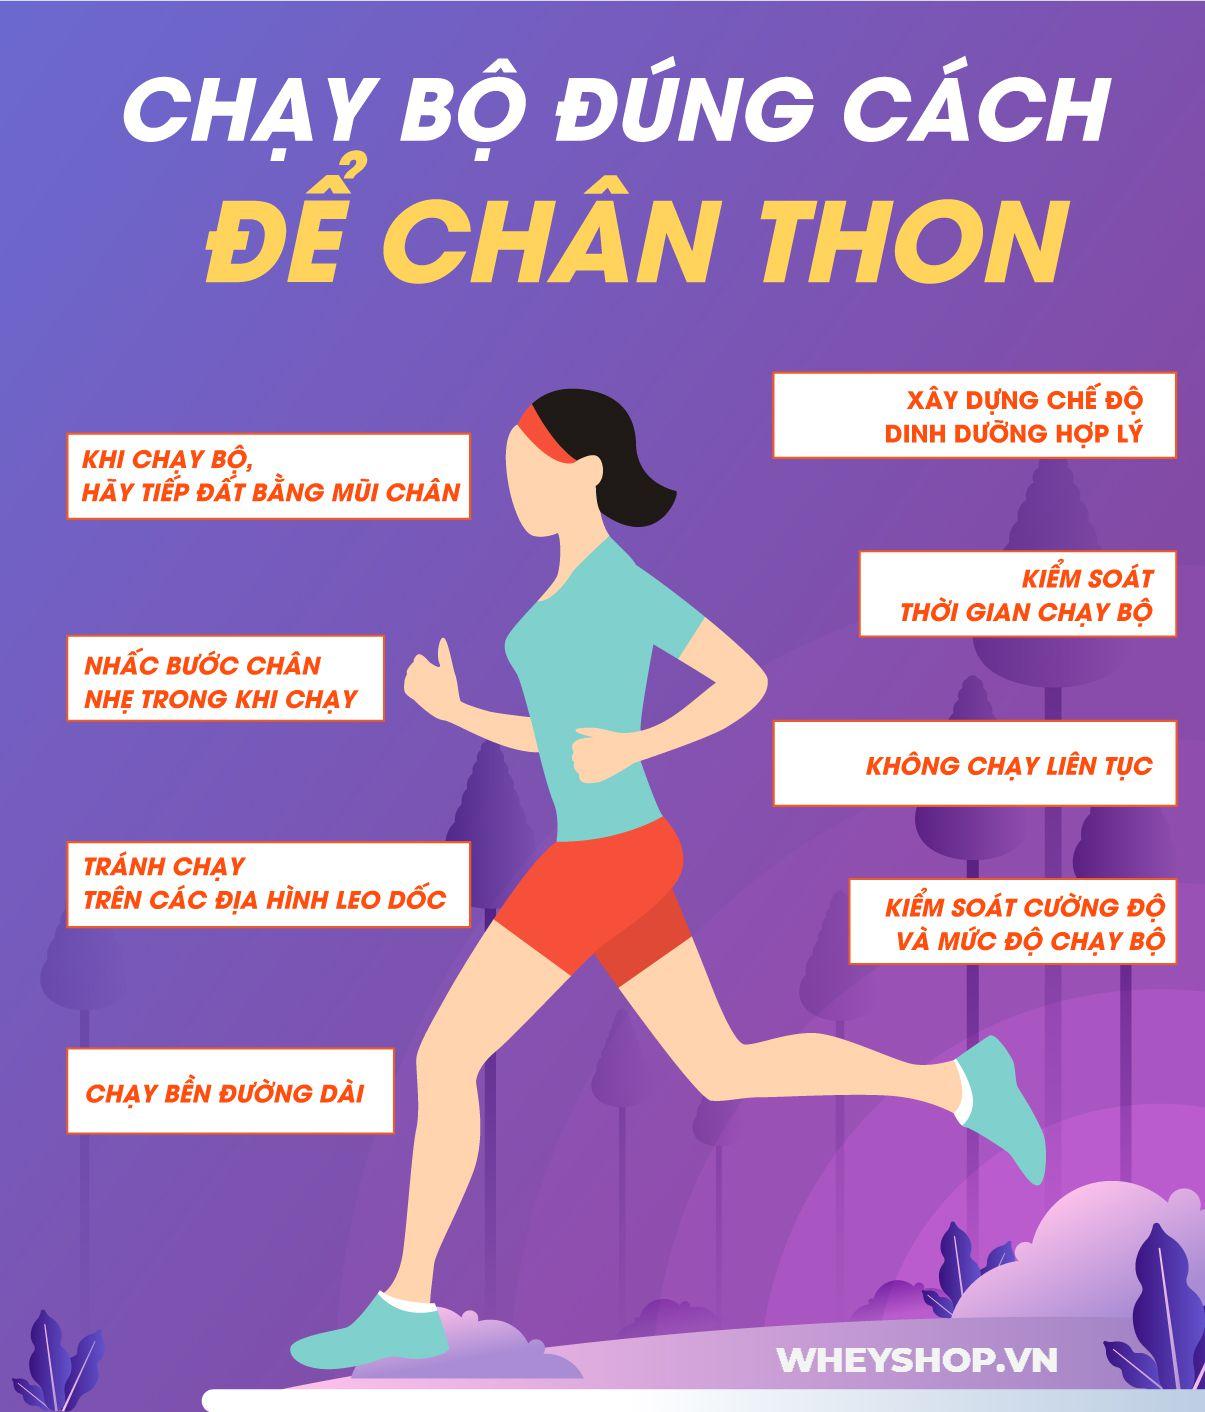 Chạy bộ là môn thể thao giảm cân hiệu quả. Vậy chạy bộ đúng cách để chân thon như thế nào? Tham khảo chi tiết tại...